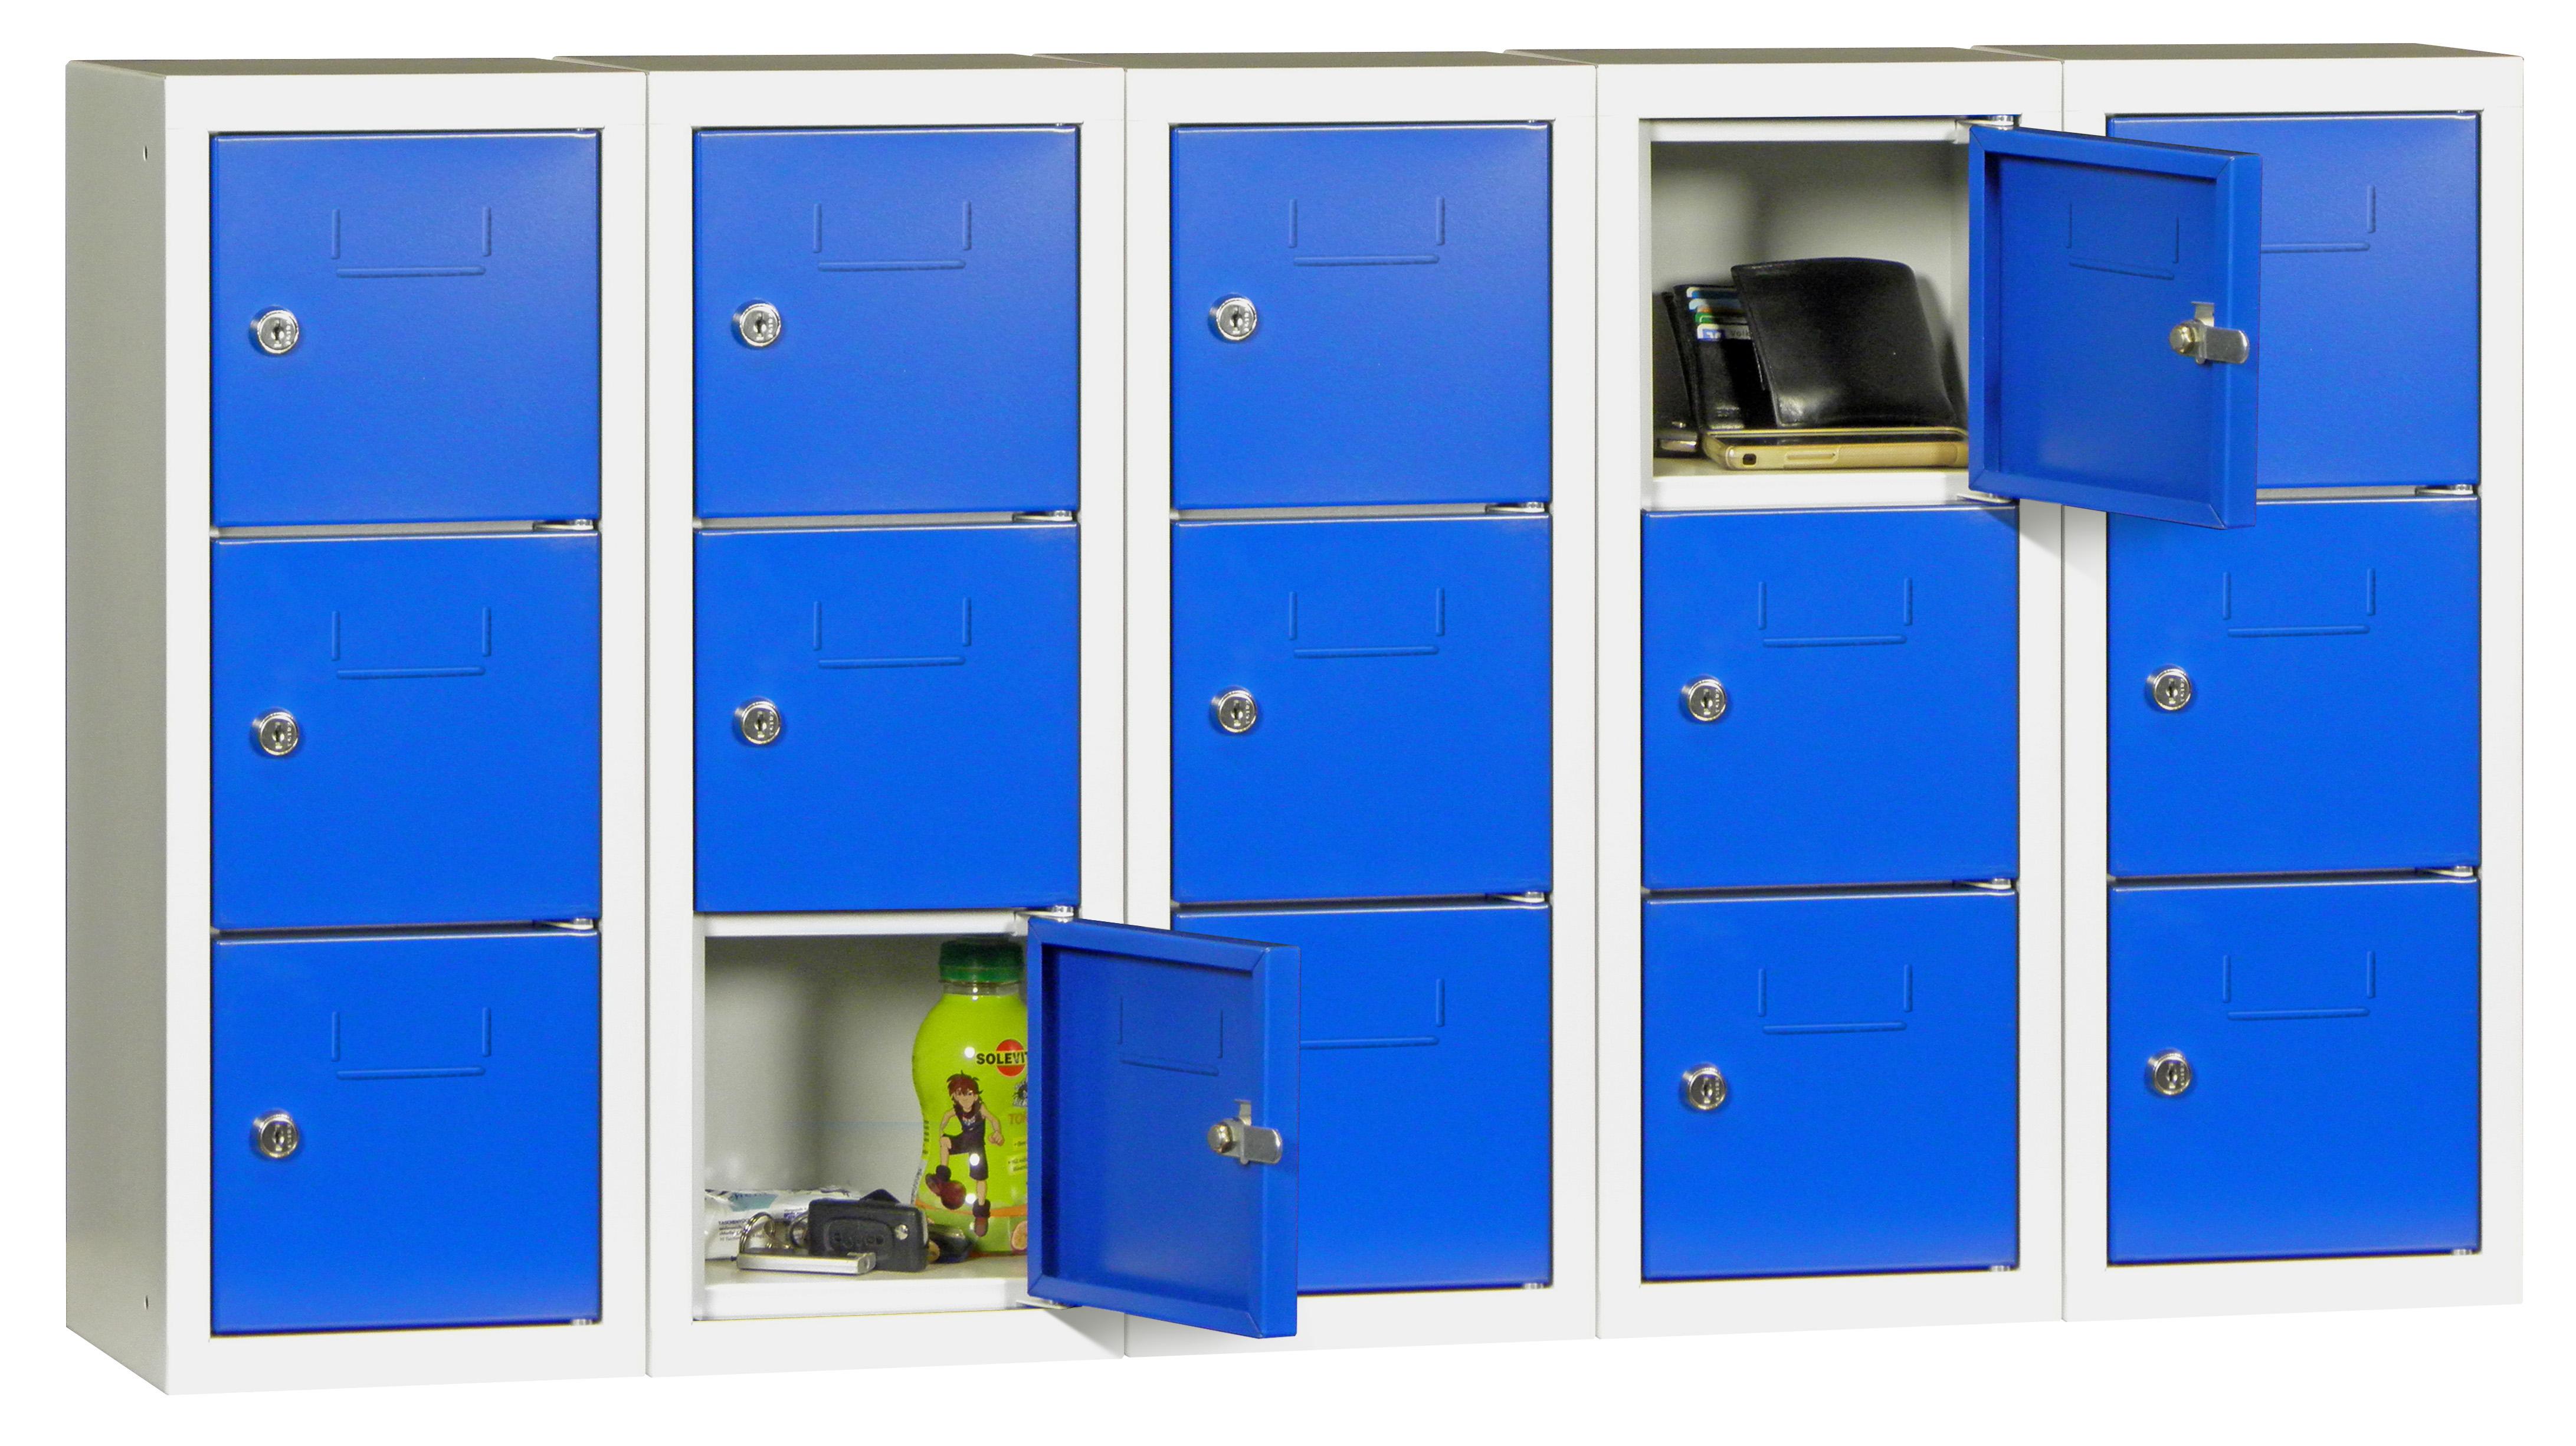 Mini-Wertfachschrank 15 Fächer HxBxT: 598 x 1125 x 200 mm, Münzpfandschloss | günstig bestellen bei assistYourwork